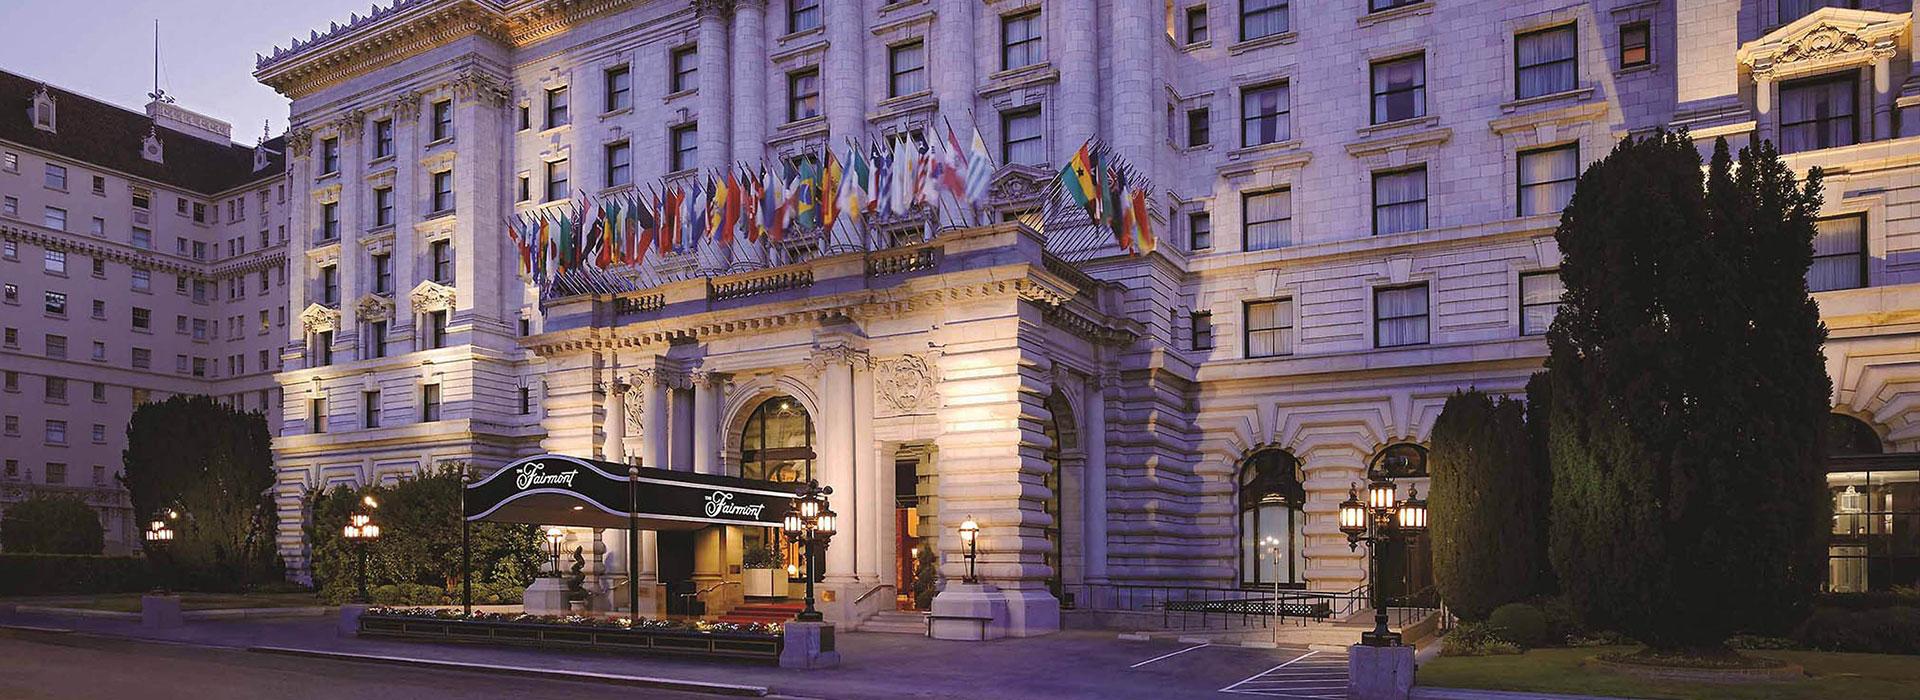 شهرهایی که گران ترین هتل های دنیا را در خود جا داده اند